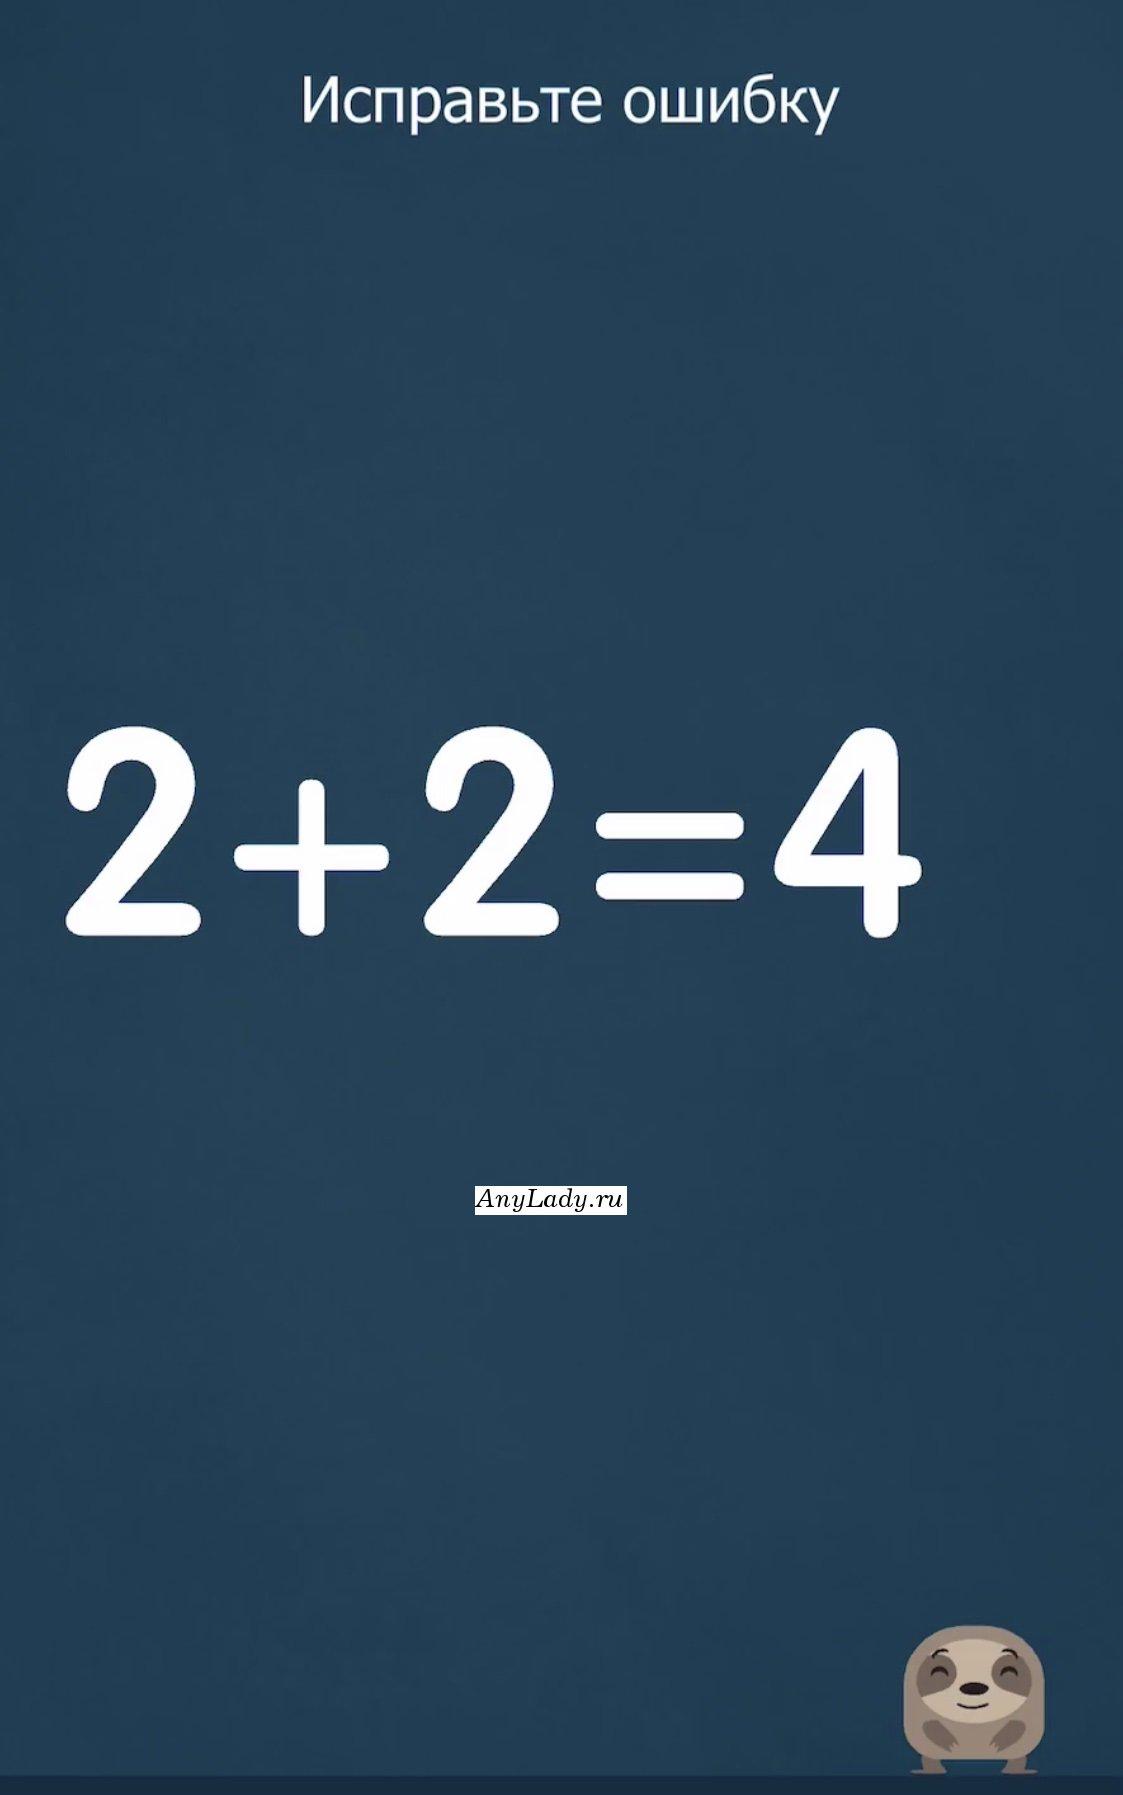 Бейте множество раз по цифре два - в конце примера, и она пропадет, тем самым решение будет верно.